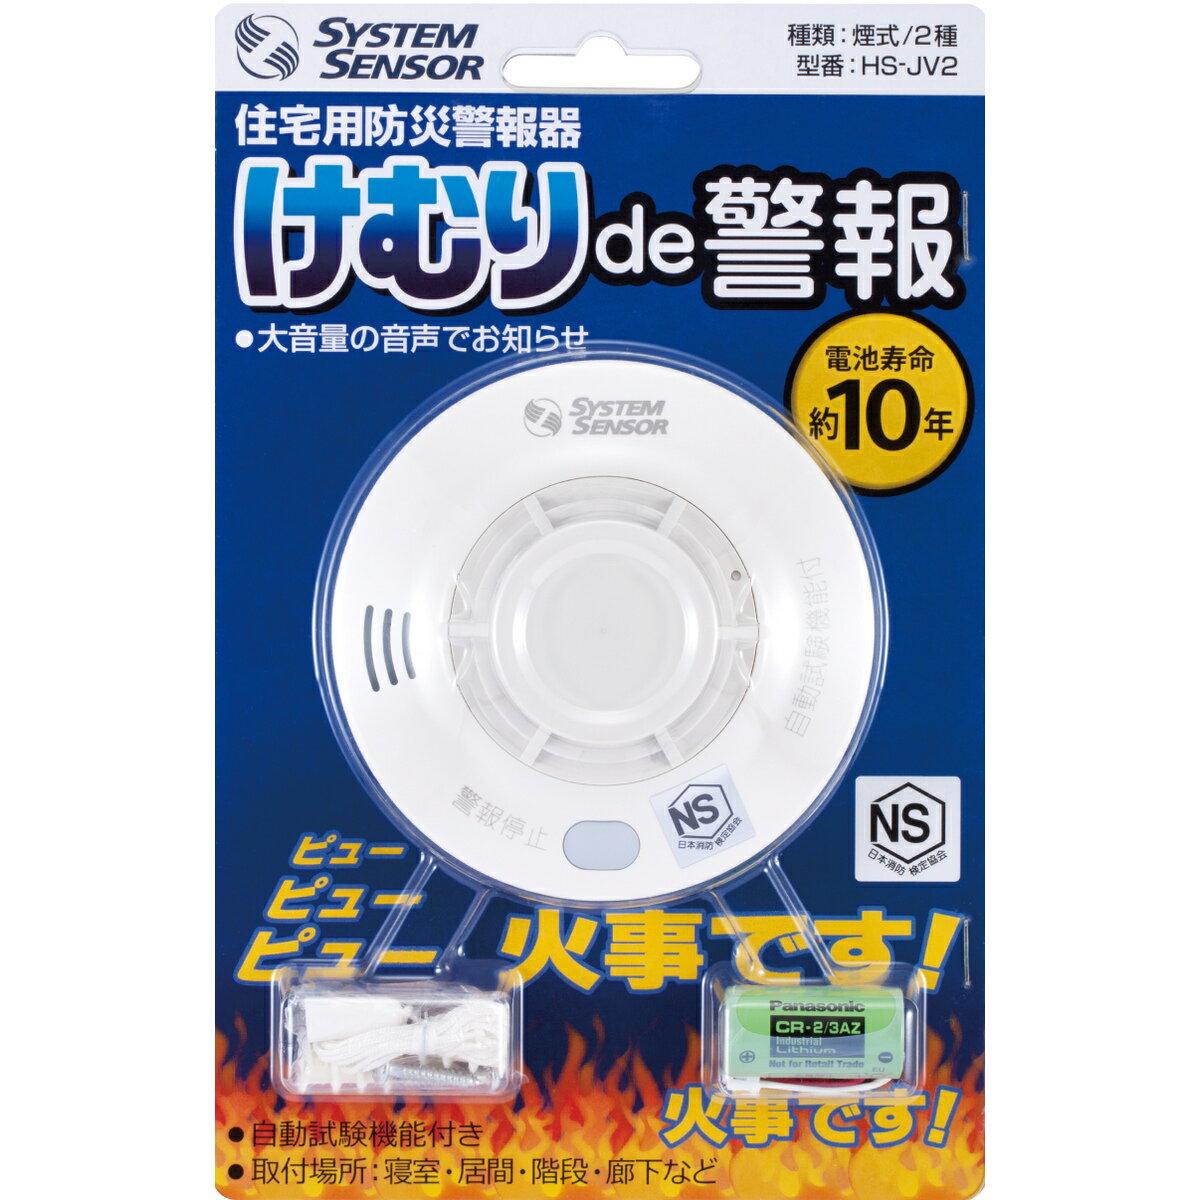 ハネウェル 住宅用火災警報器 煙式 けむりde警報 HS-JV2